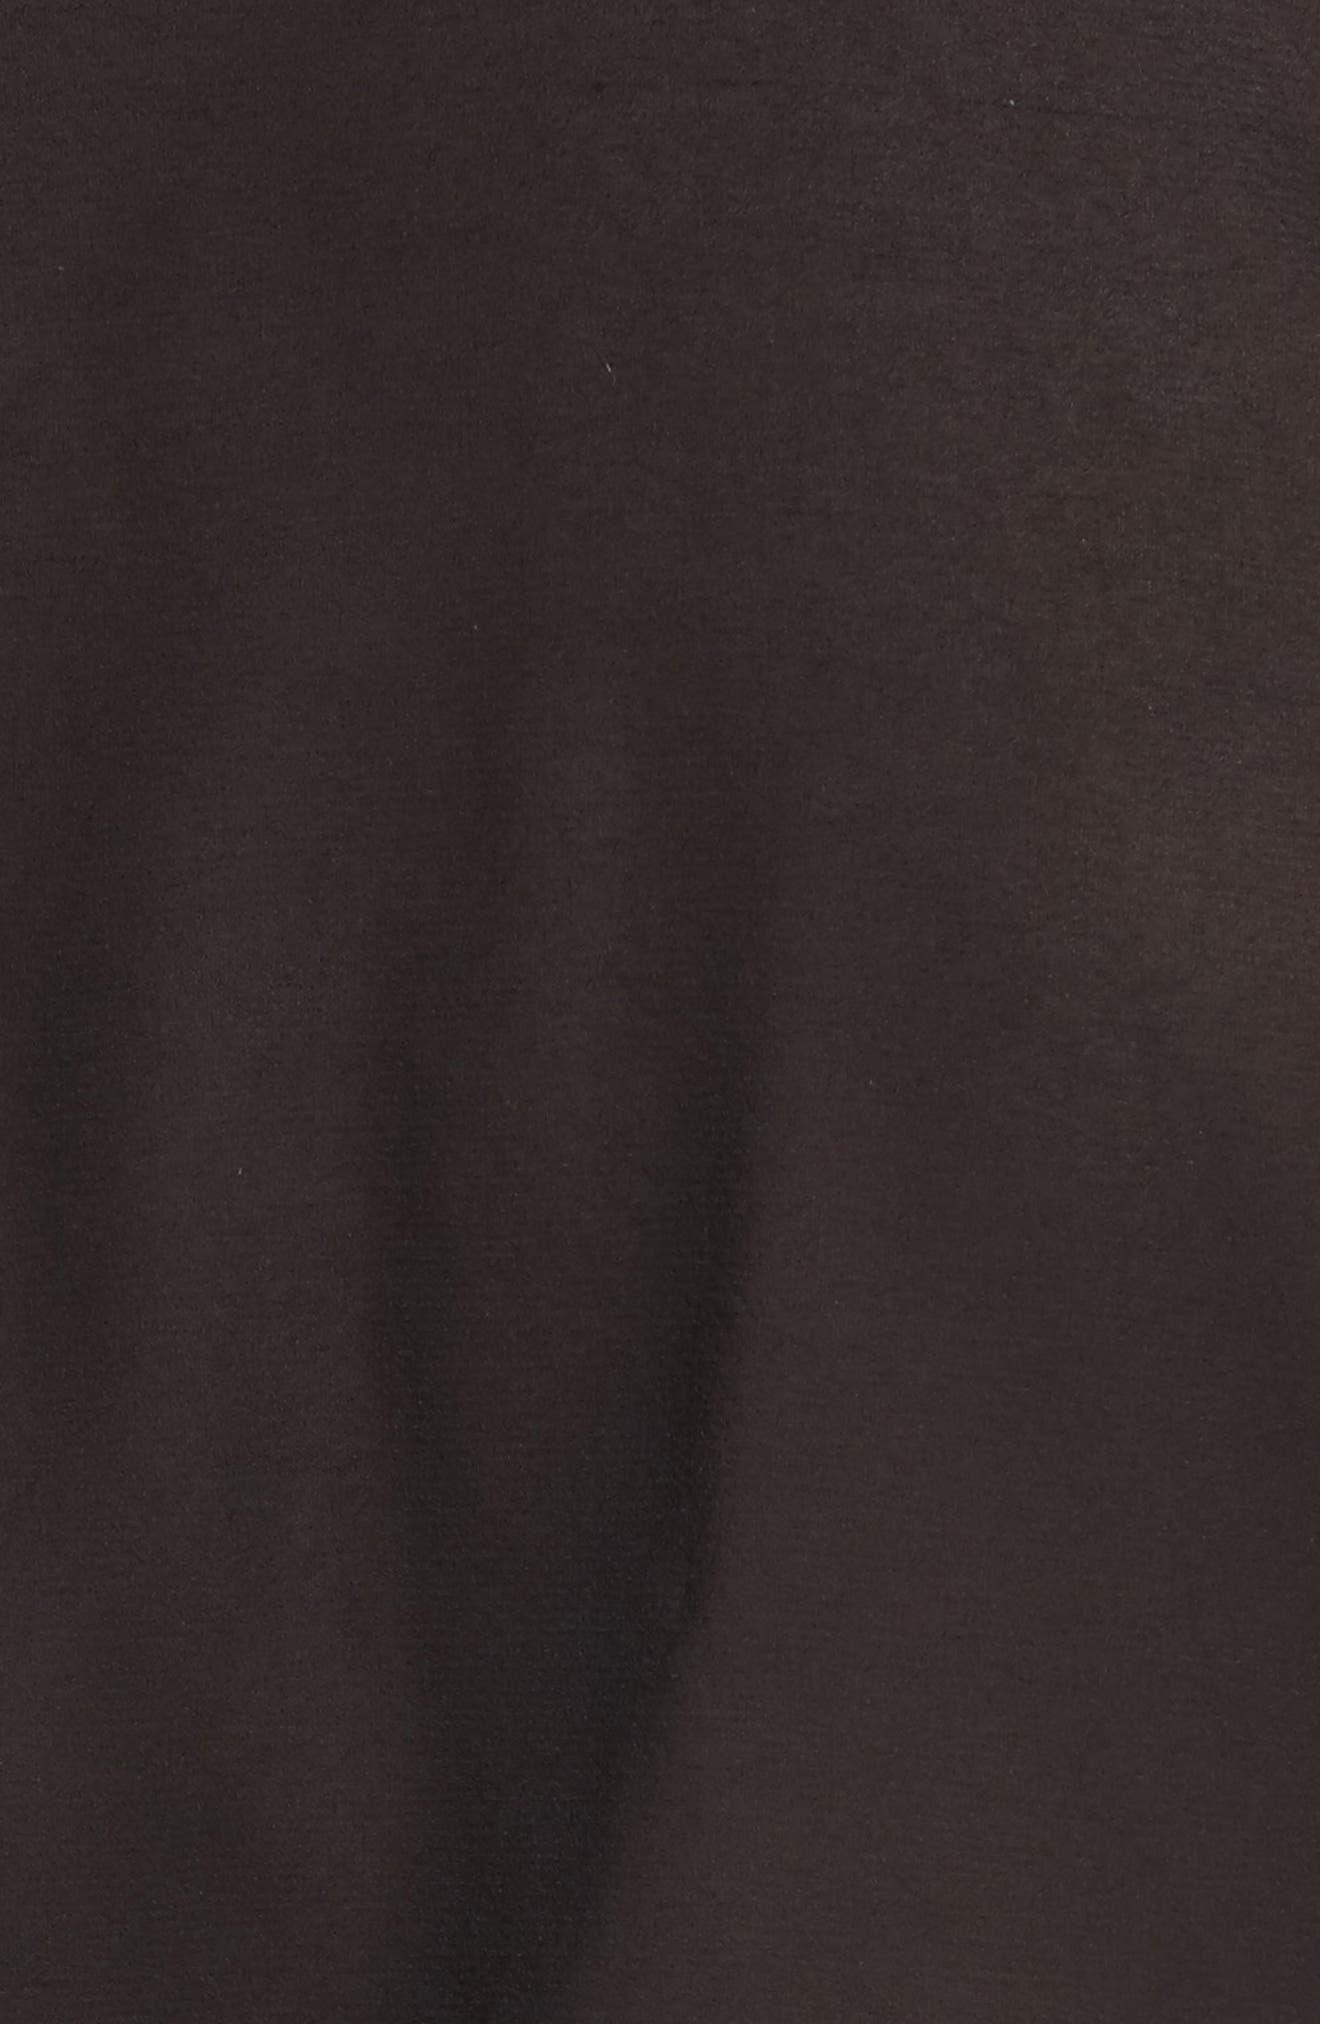 Claudette Cold Shoulder Blouse,                             Alternate thumbnail 5, color,                             001